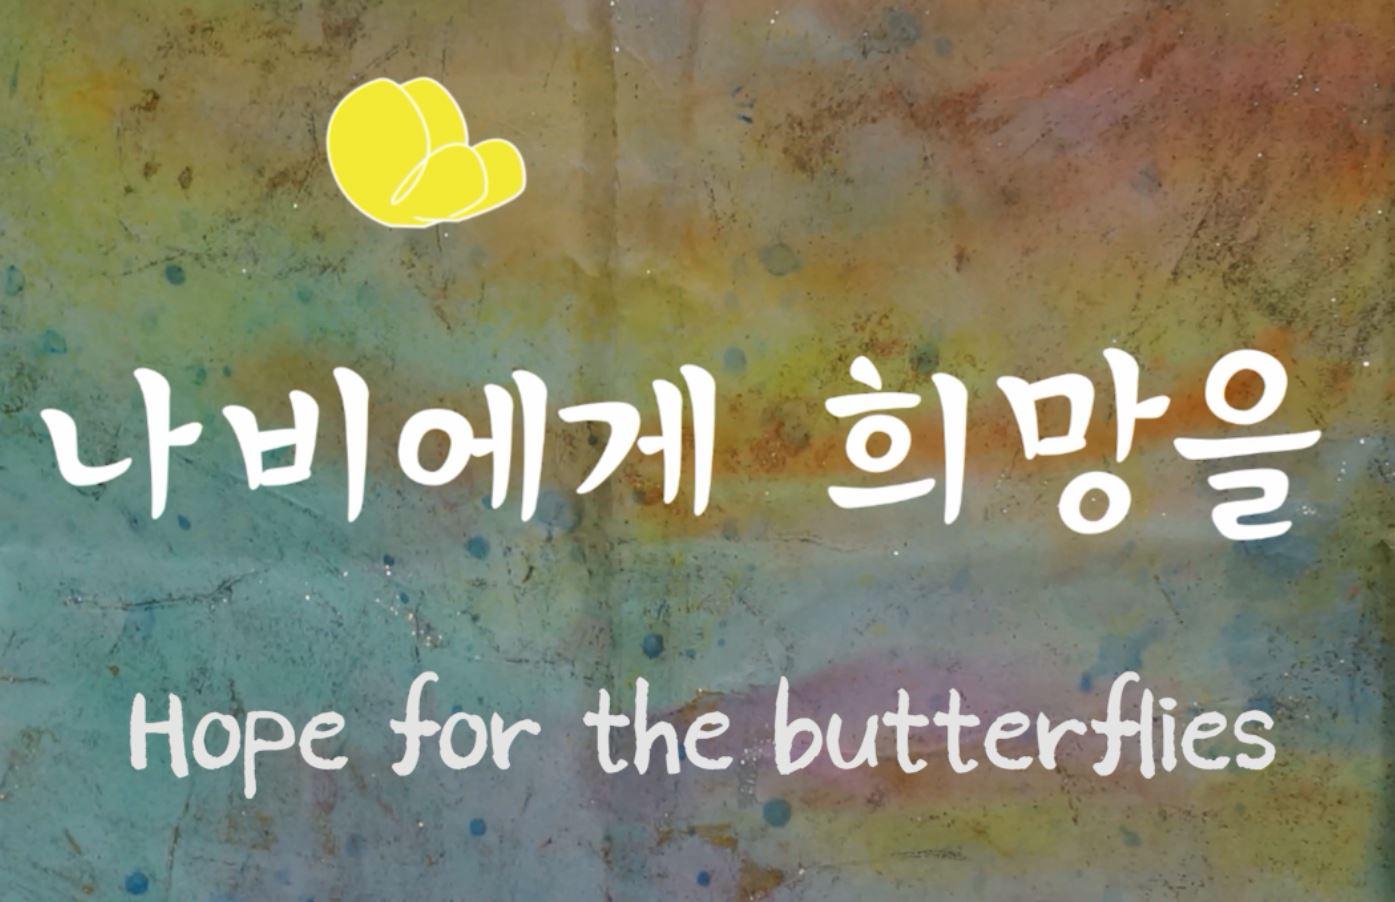 아동 · 청소년 힐링 예술 영화제 영상작품  '나비에게 희망을'